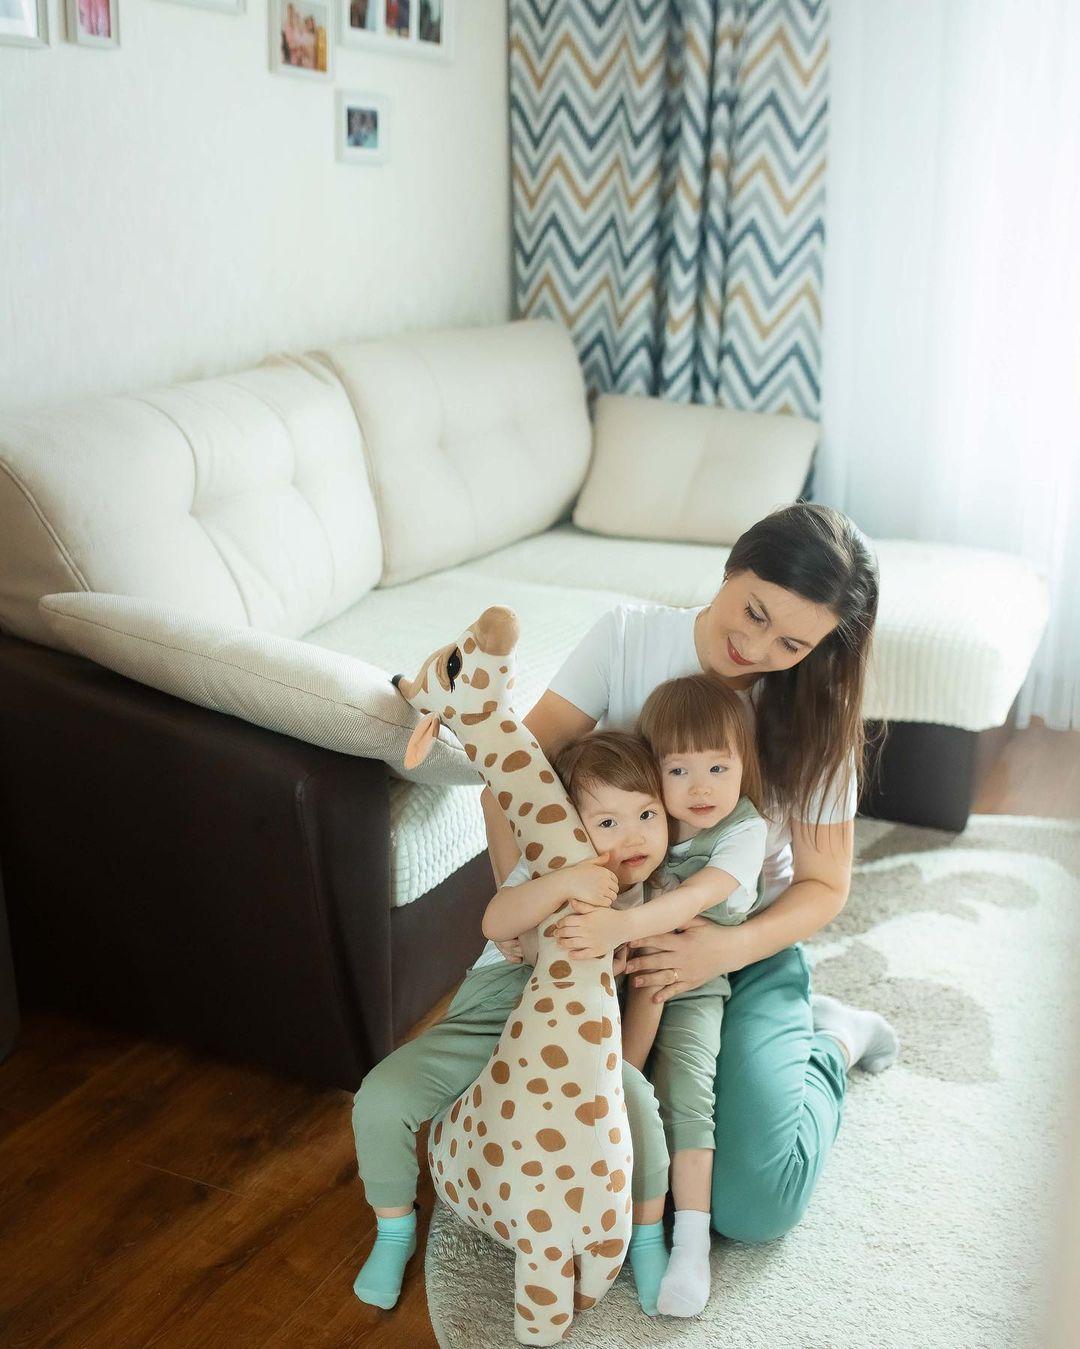 Красивые детали домашней фотосессии: семейные фотографии на стенах, любимая игрушка, яркие шторы. Видно, что люди действительно тут живут и это не вылизанная студия с идеальным порядком.